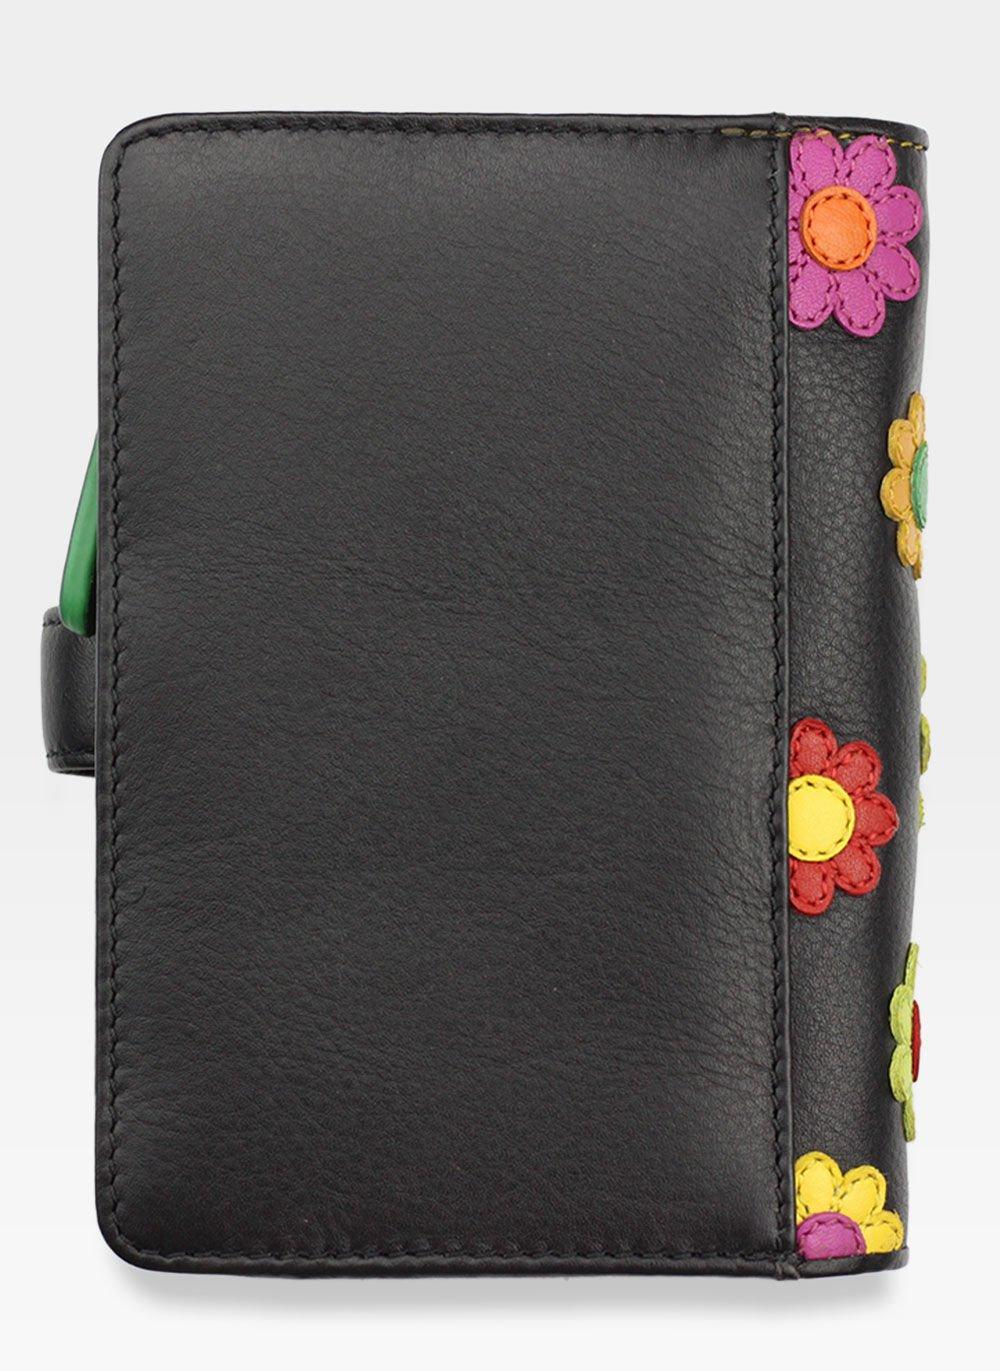 087e6f85c99f8 Visconti Portfel Damski Skórzany w Kwiatki Daisy DS82 Czarny DS82 ...